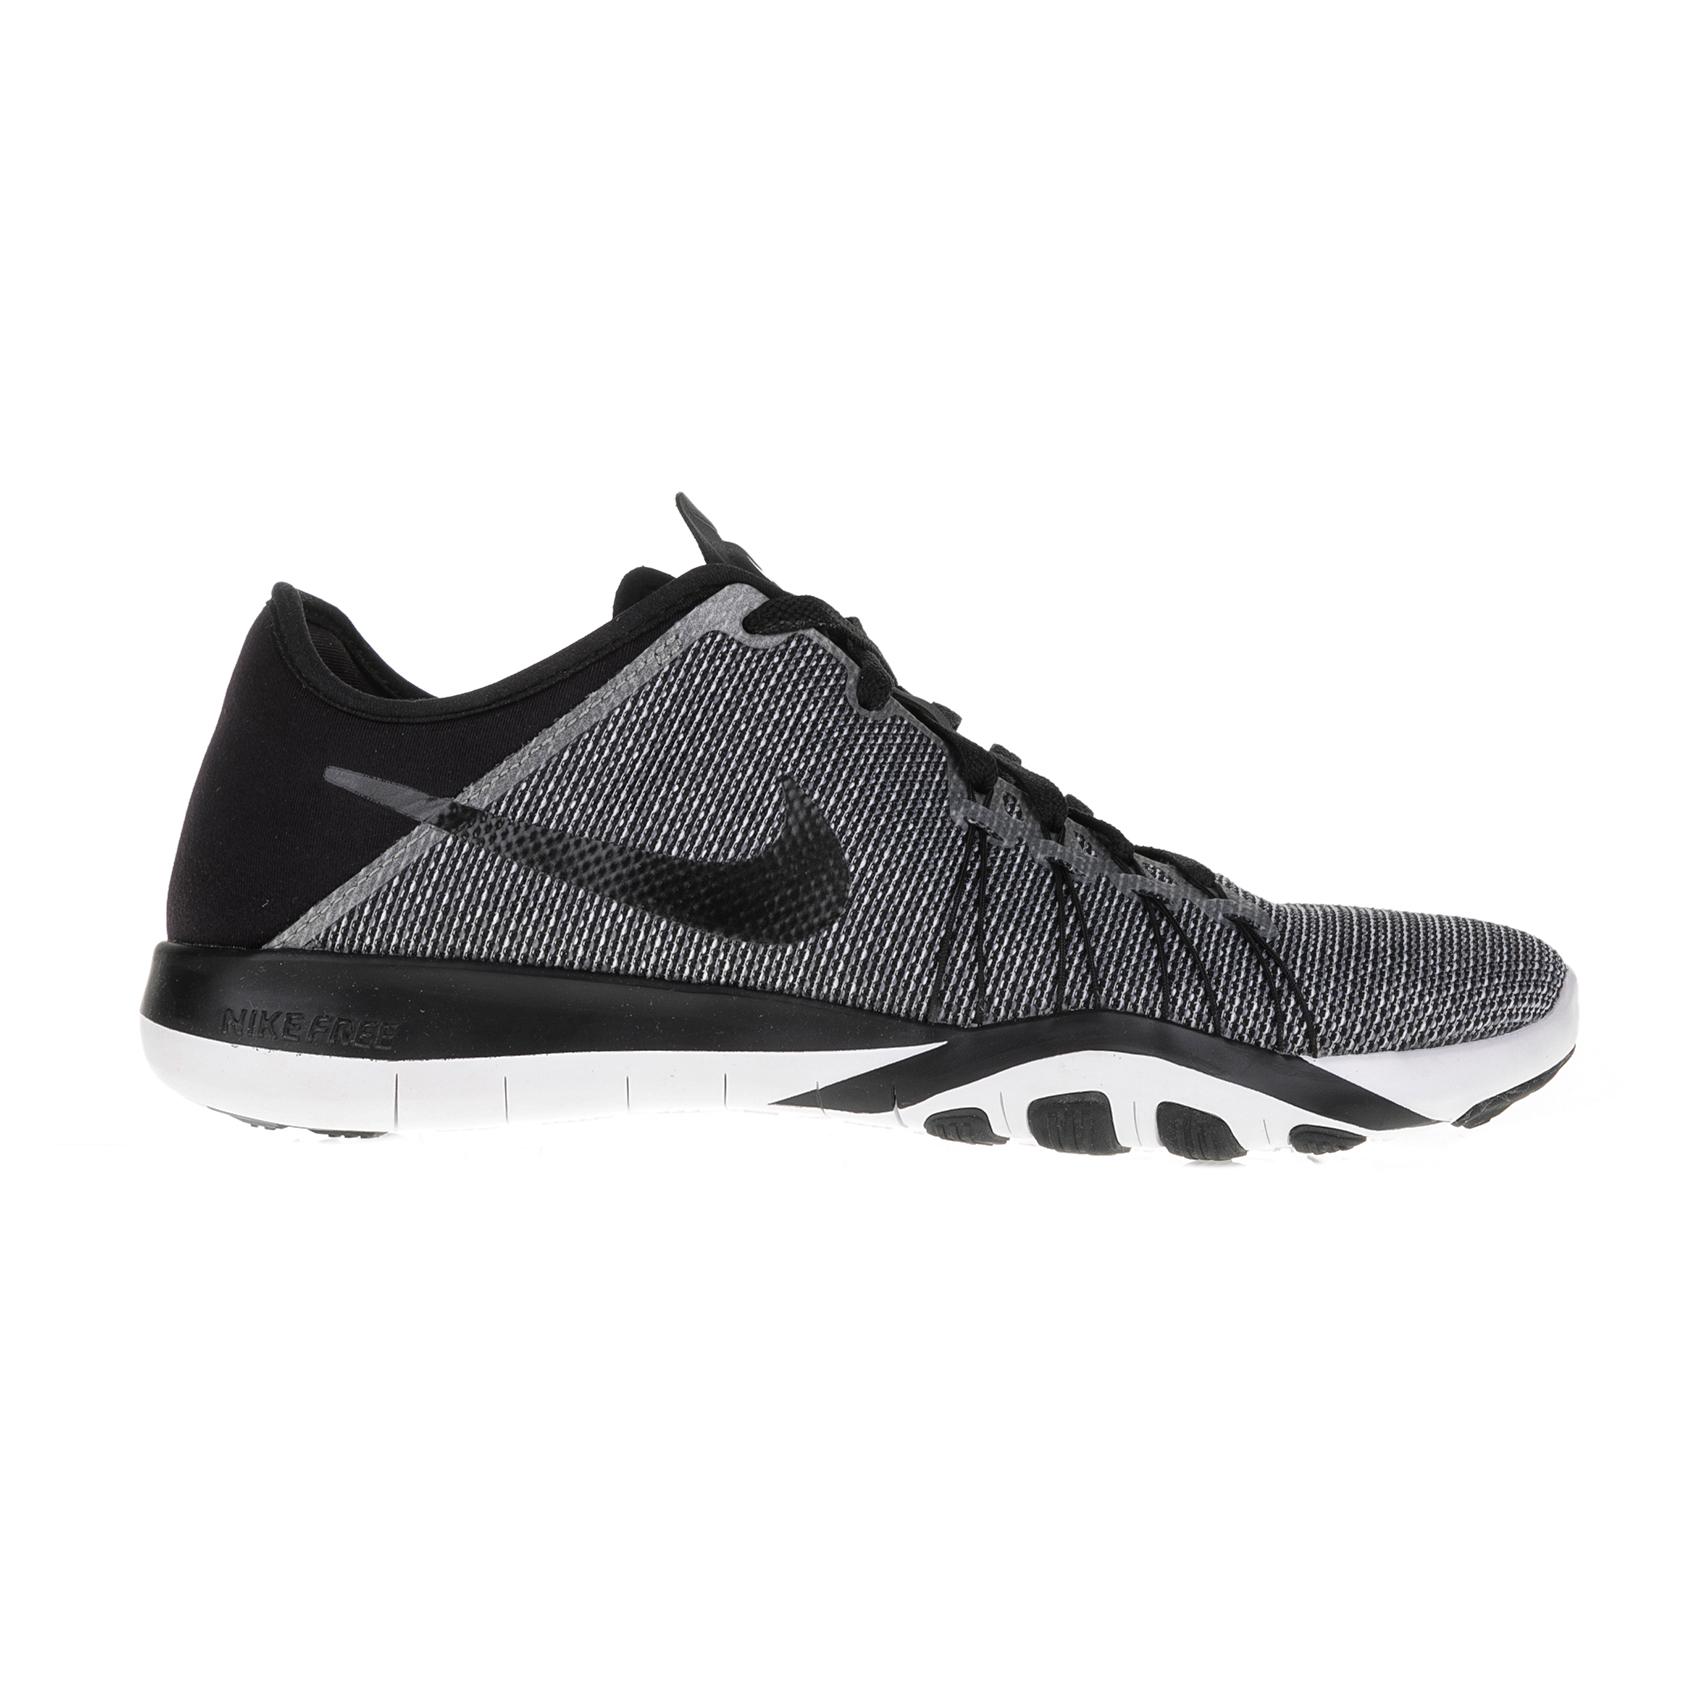 NIKE – Γυναικεία αθλητικά παπούτσια Nike FREE TR 6 PRT μαύρα – γκρι